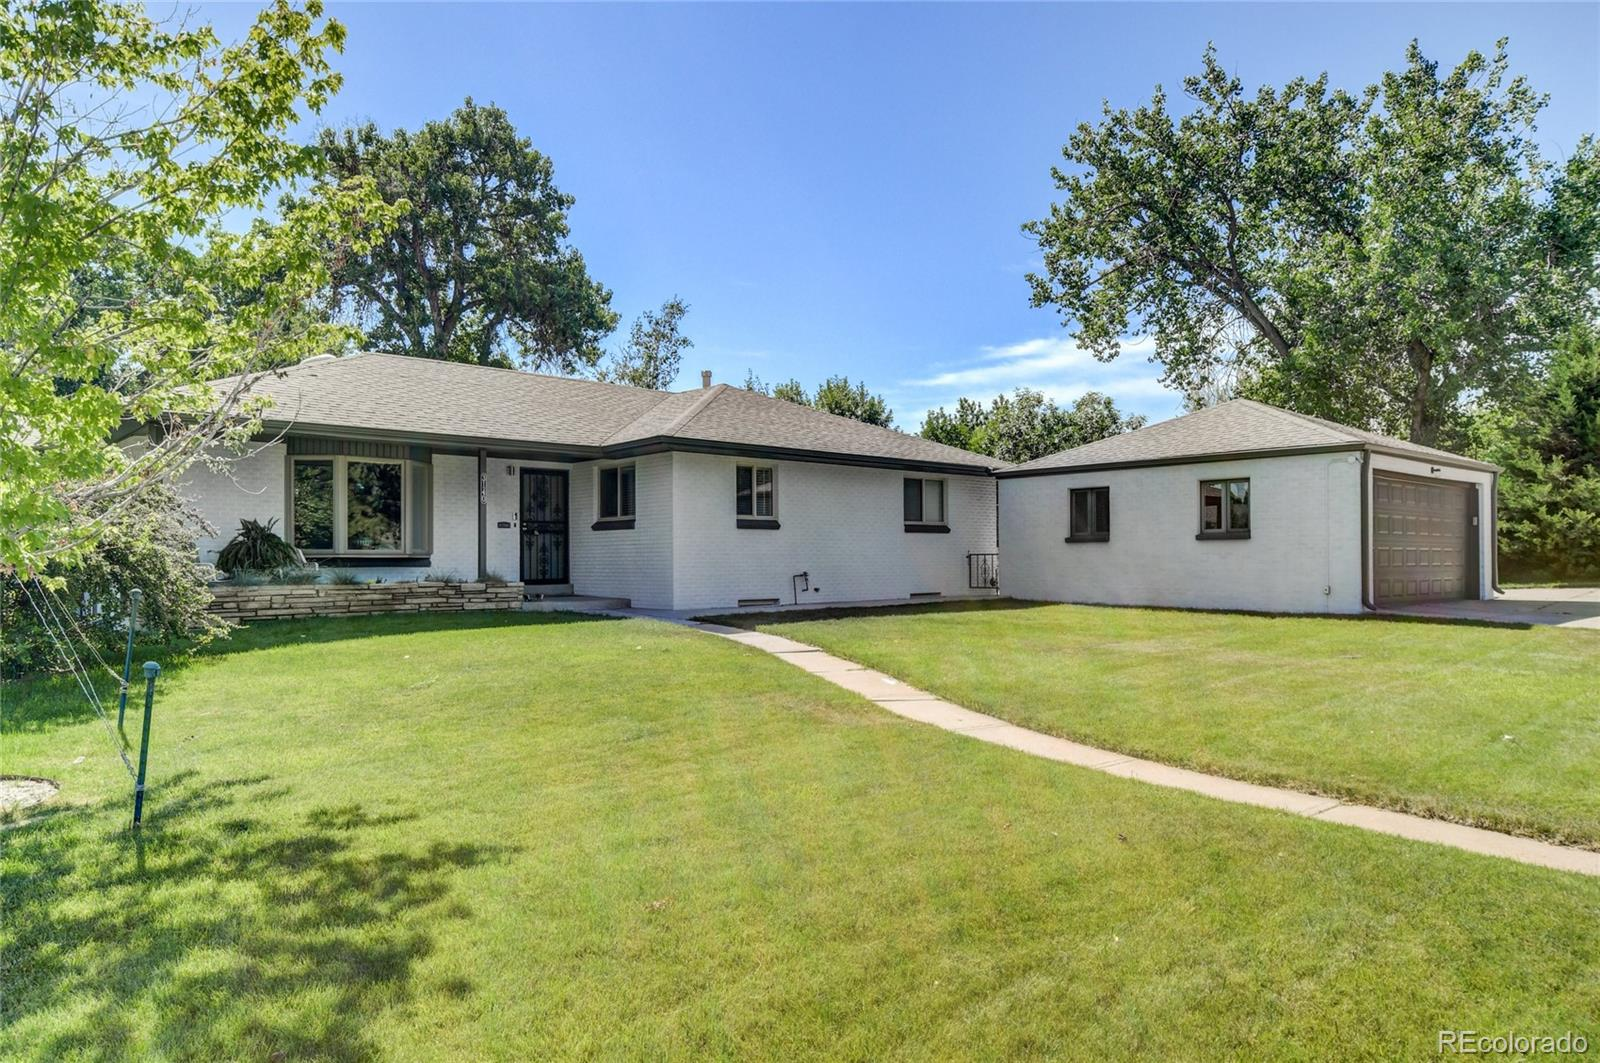 3140 S Dahlia Street Property Photo - Denver, CO real estate listing